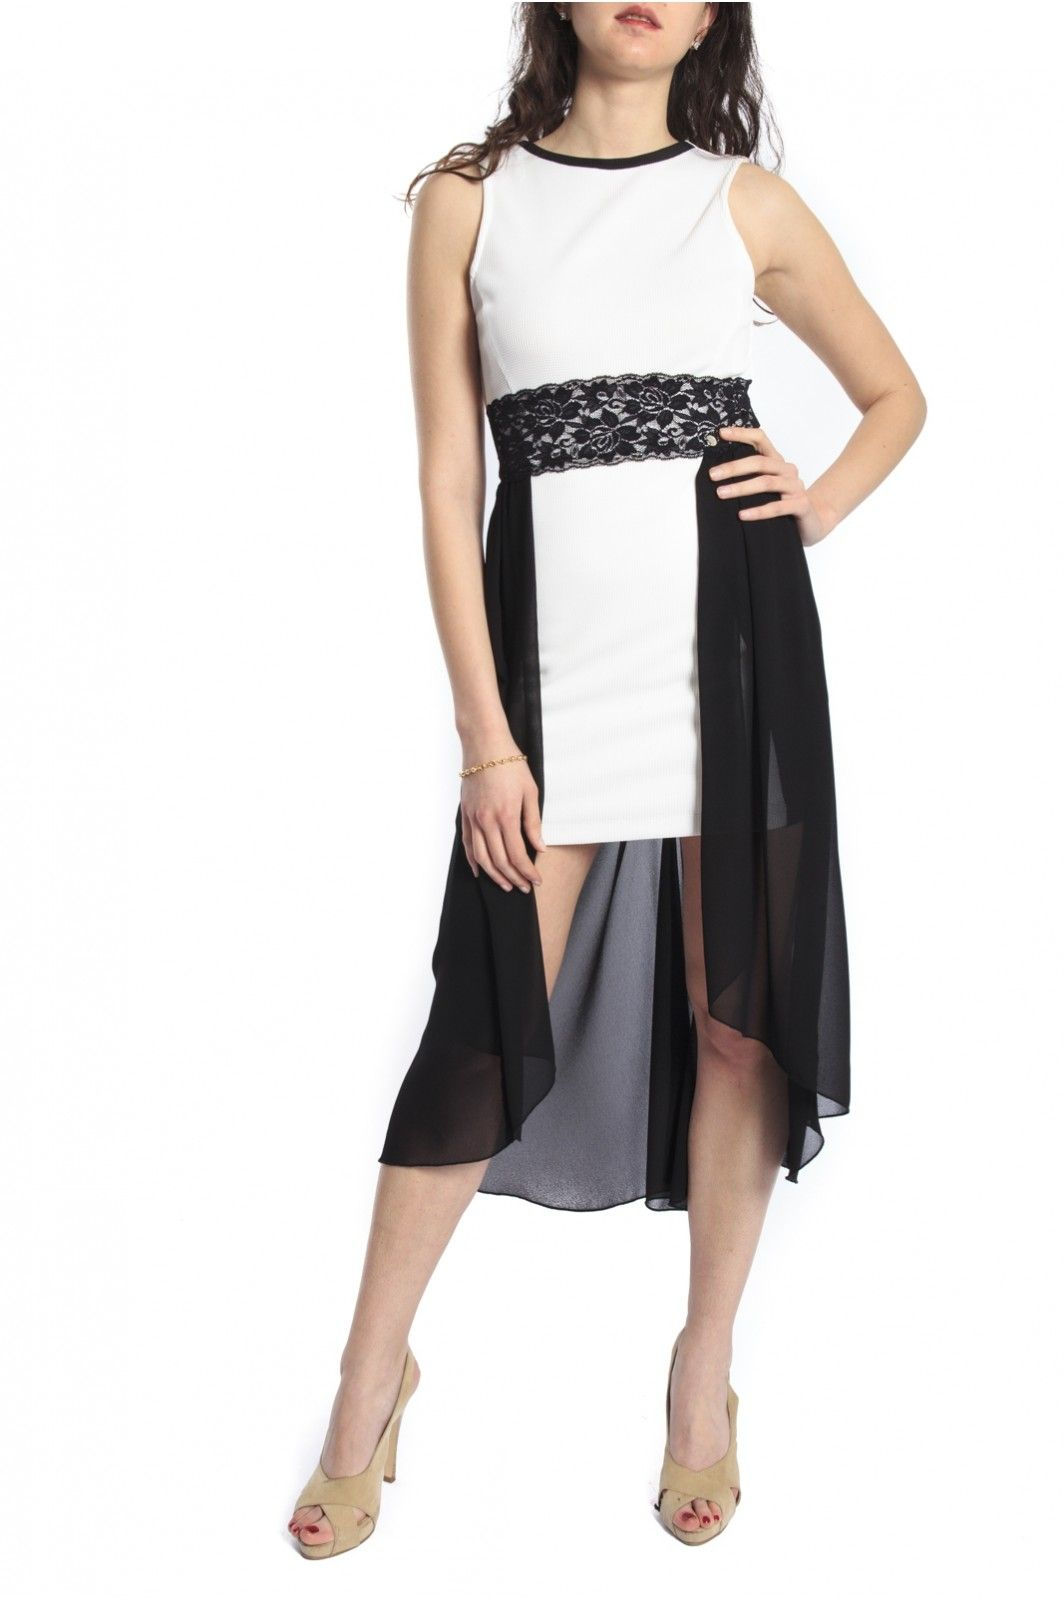 Black Dress White With Cfc0066509003 Rinascimento Artamp; PkuZiXO